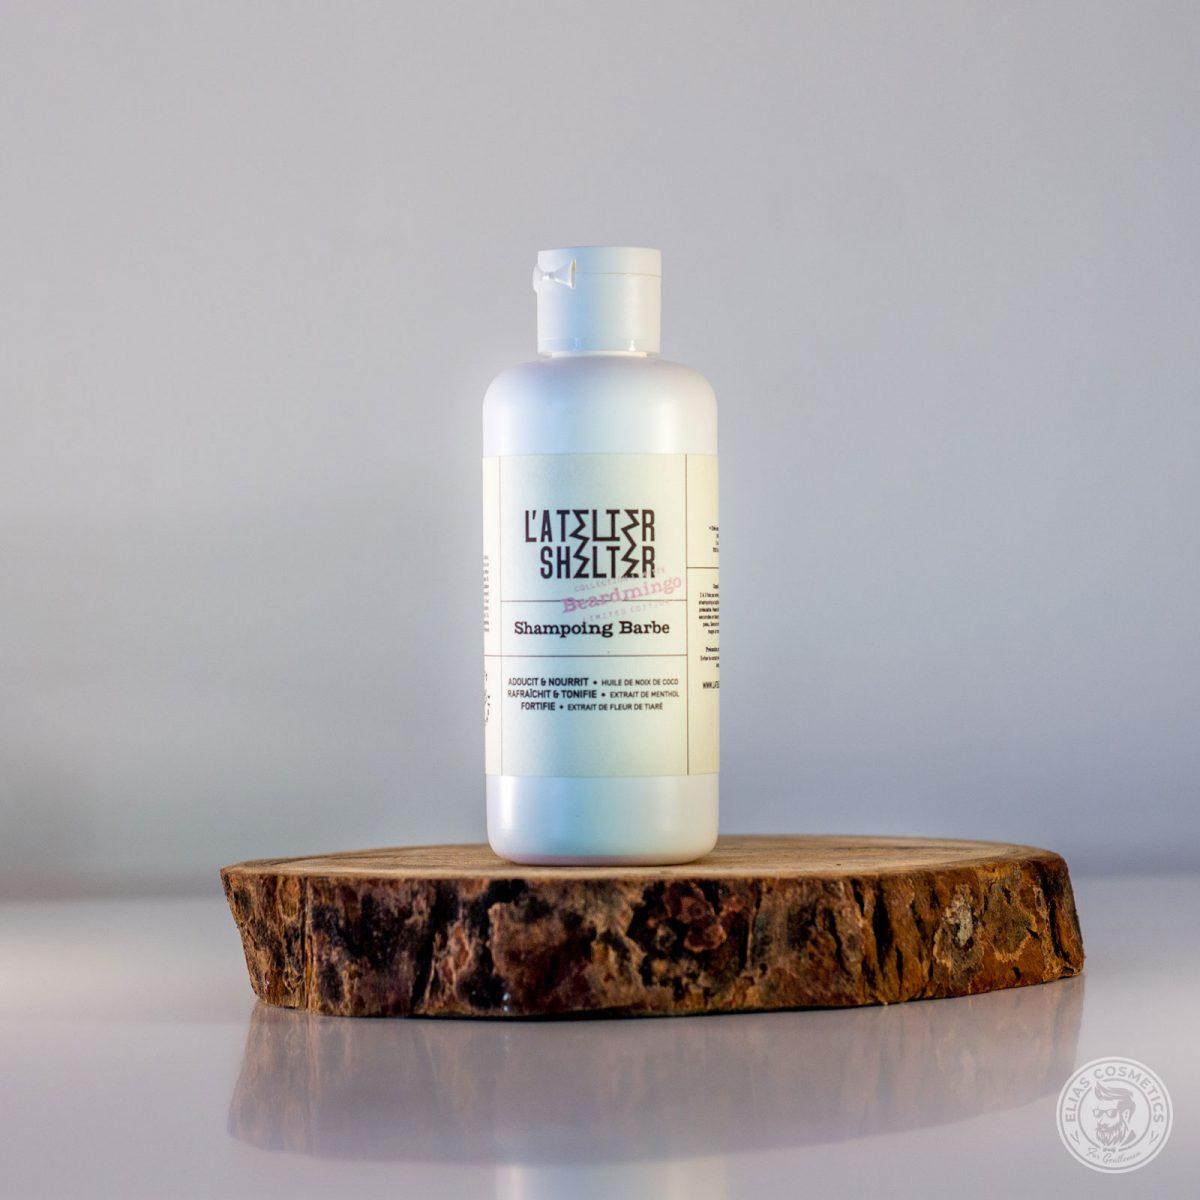 shampoing barbe beardmingo atelier shelter